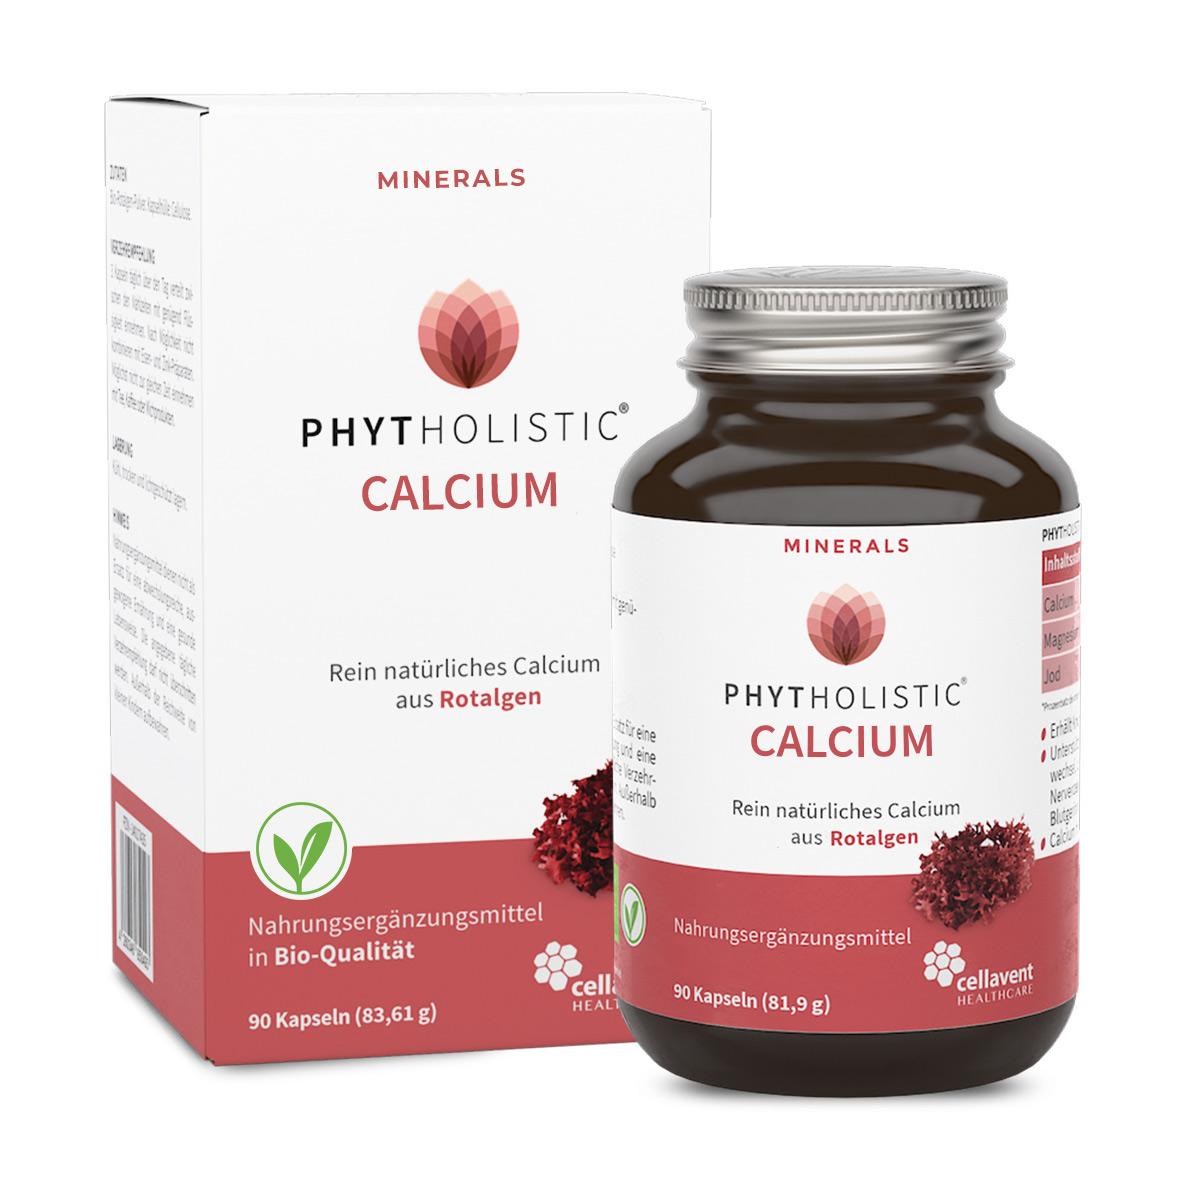 calcium-kapseln-bio-rein-pflanzlich-phytholistic-90-stueck-verpackung-vorne-1200x1200